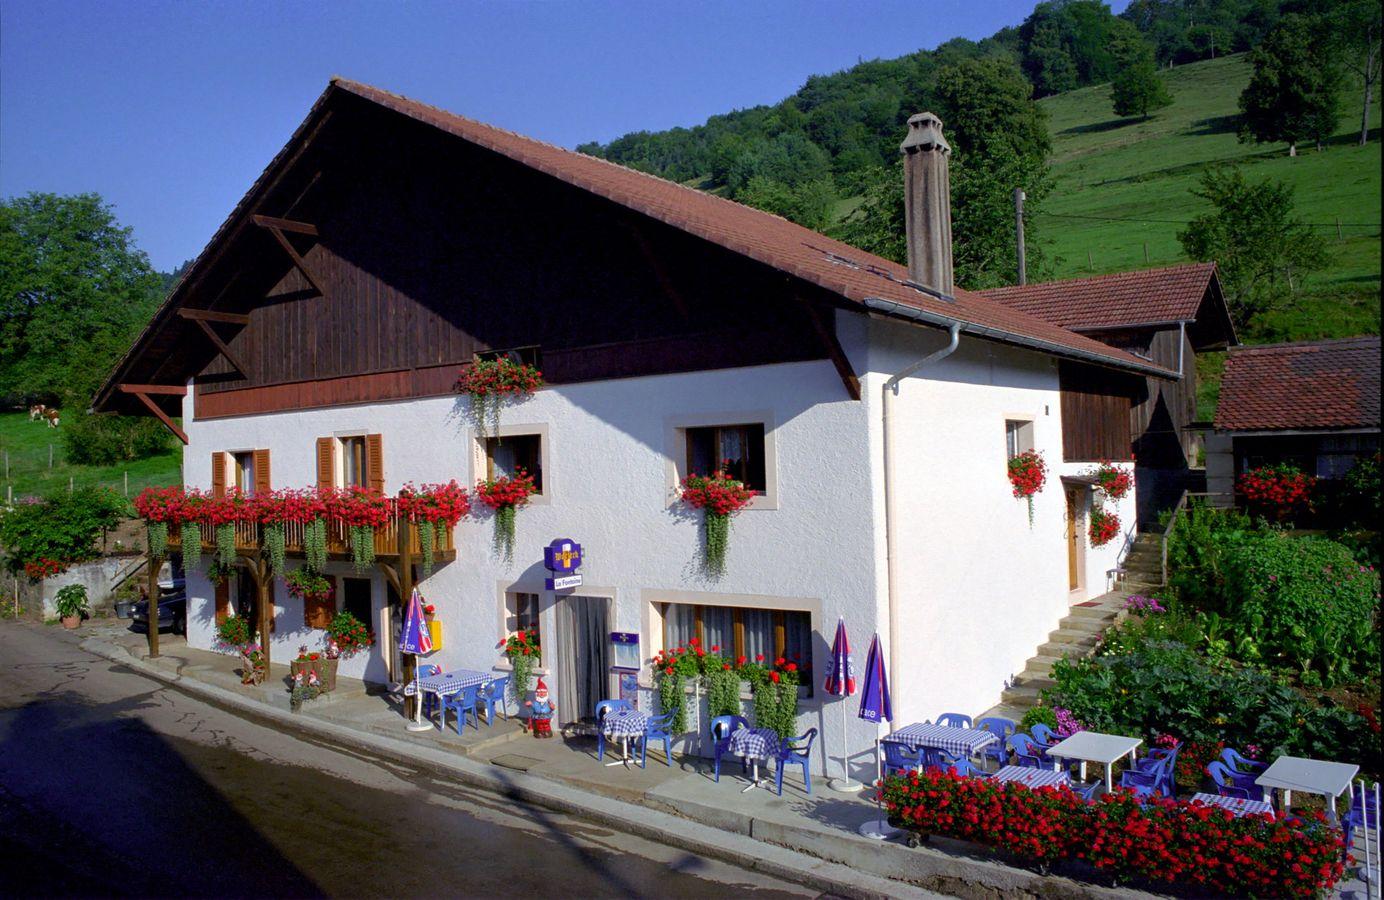 Edelweiss seleute jura gruppenunterkunft schweiz